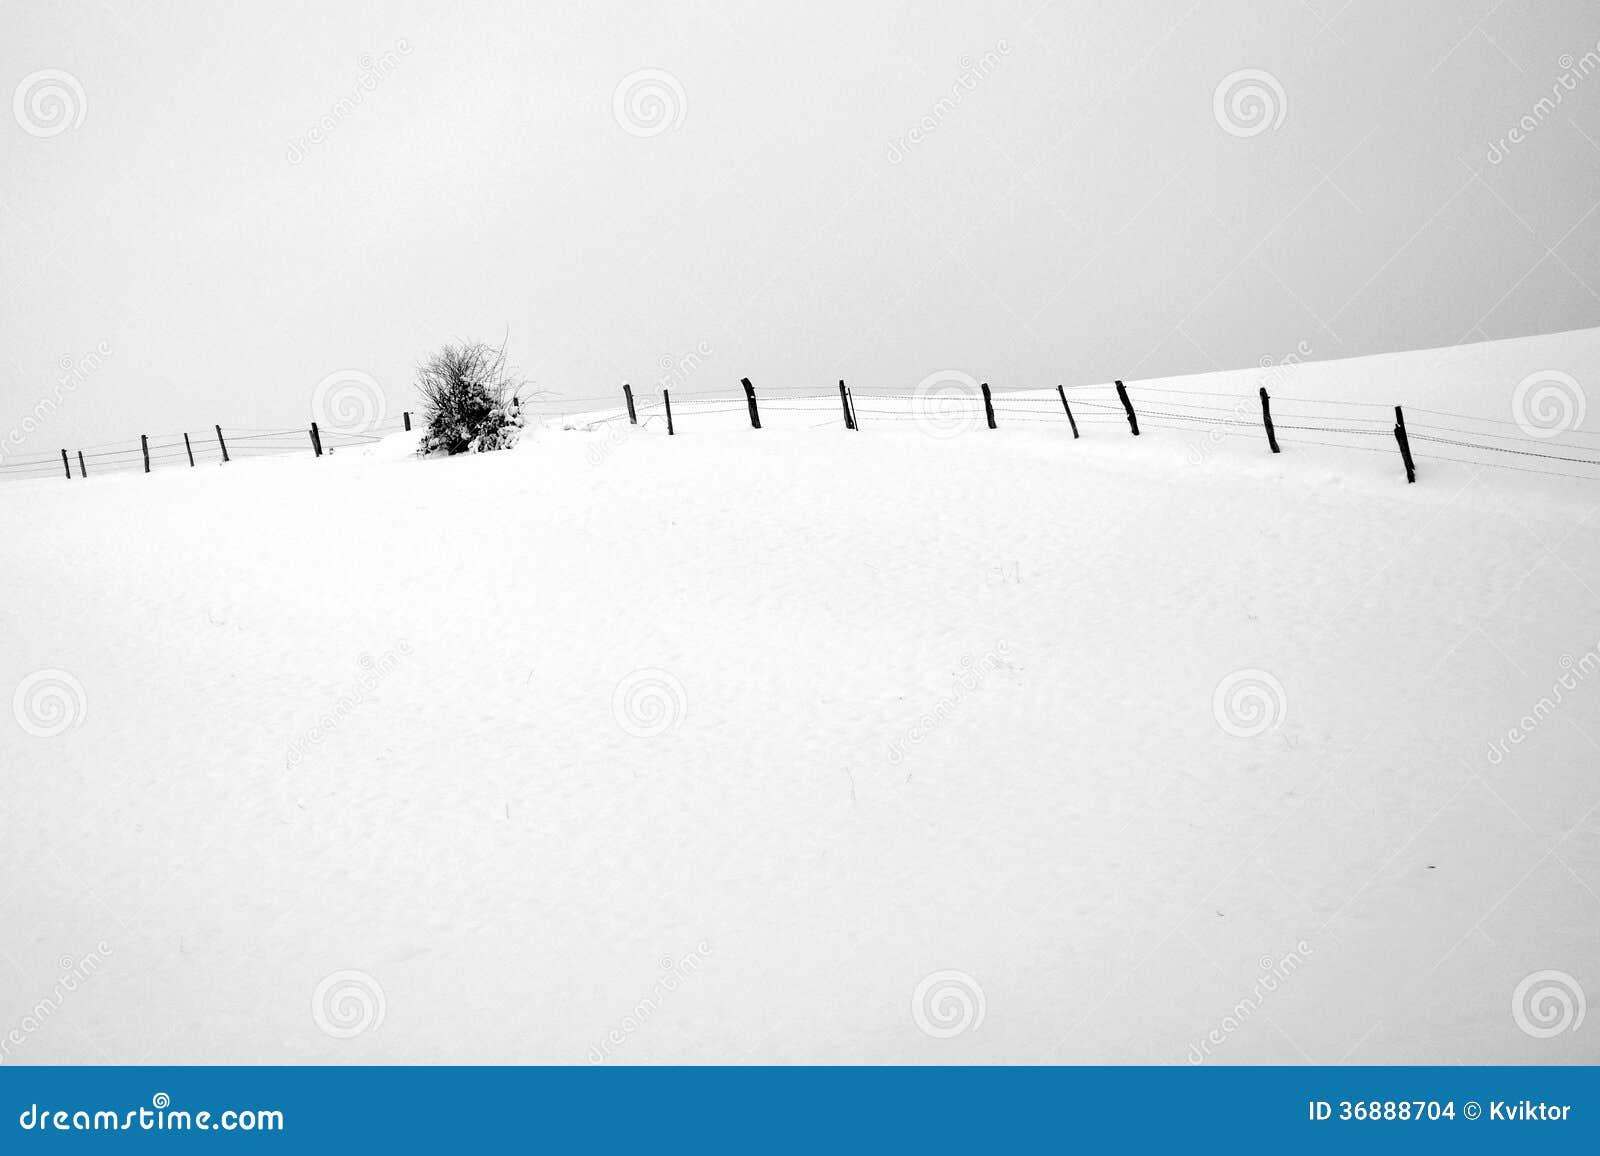 Download Foto In Bianco E Nero Del Paesaggio Di Inverno Fotografia Stock - Immagine di recinzione, artistico: 36888704